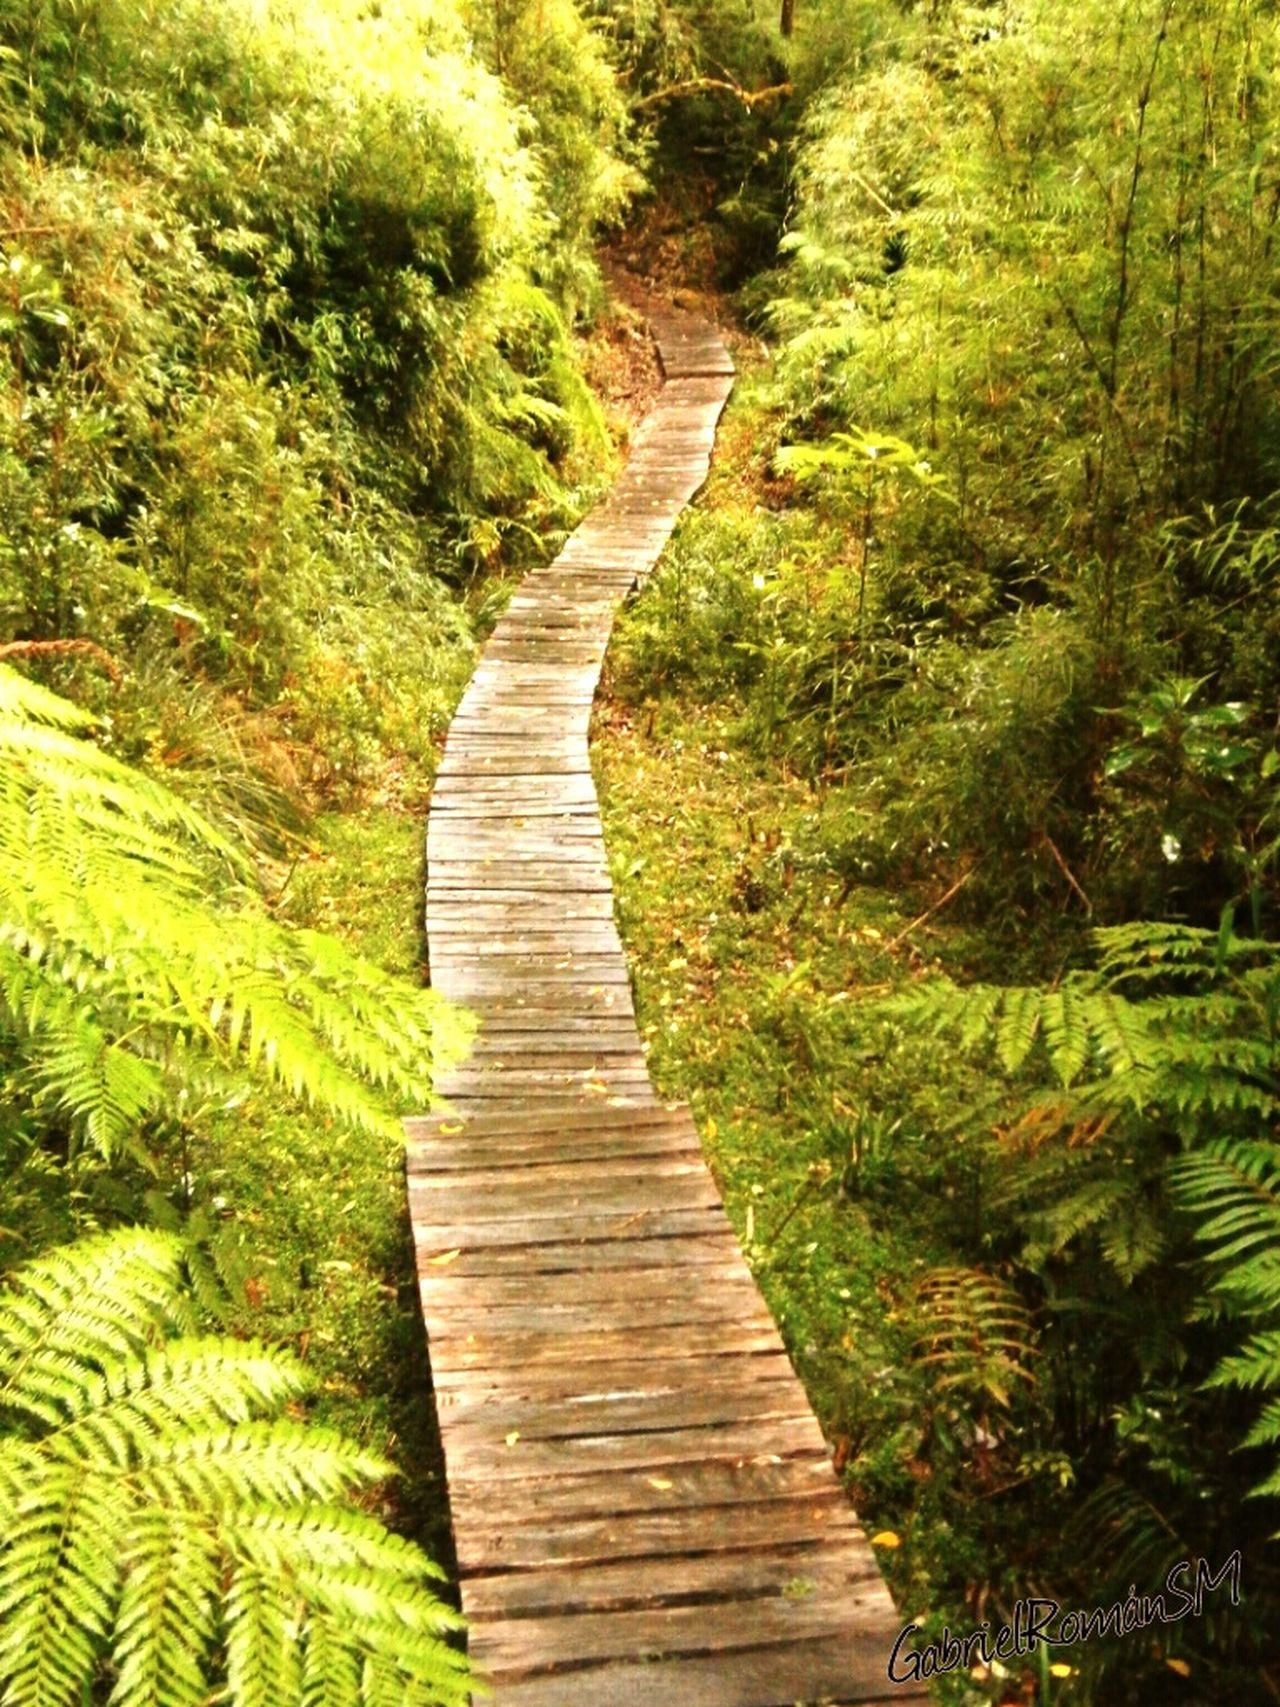 Sendero Cascadas Parque Pumalin Carretera Austral Patagonia Chilena Pasarela Hacia La Vida Helechos Naturaleza Maravillosa Enjoying Life Mochileando